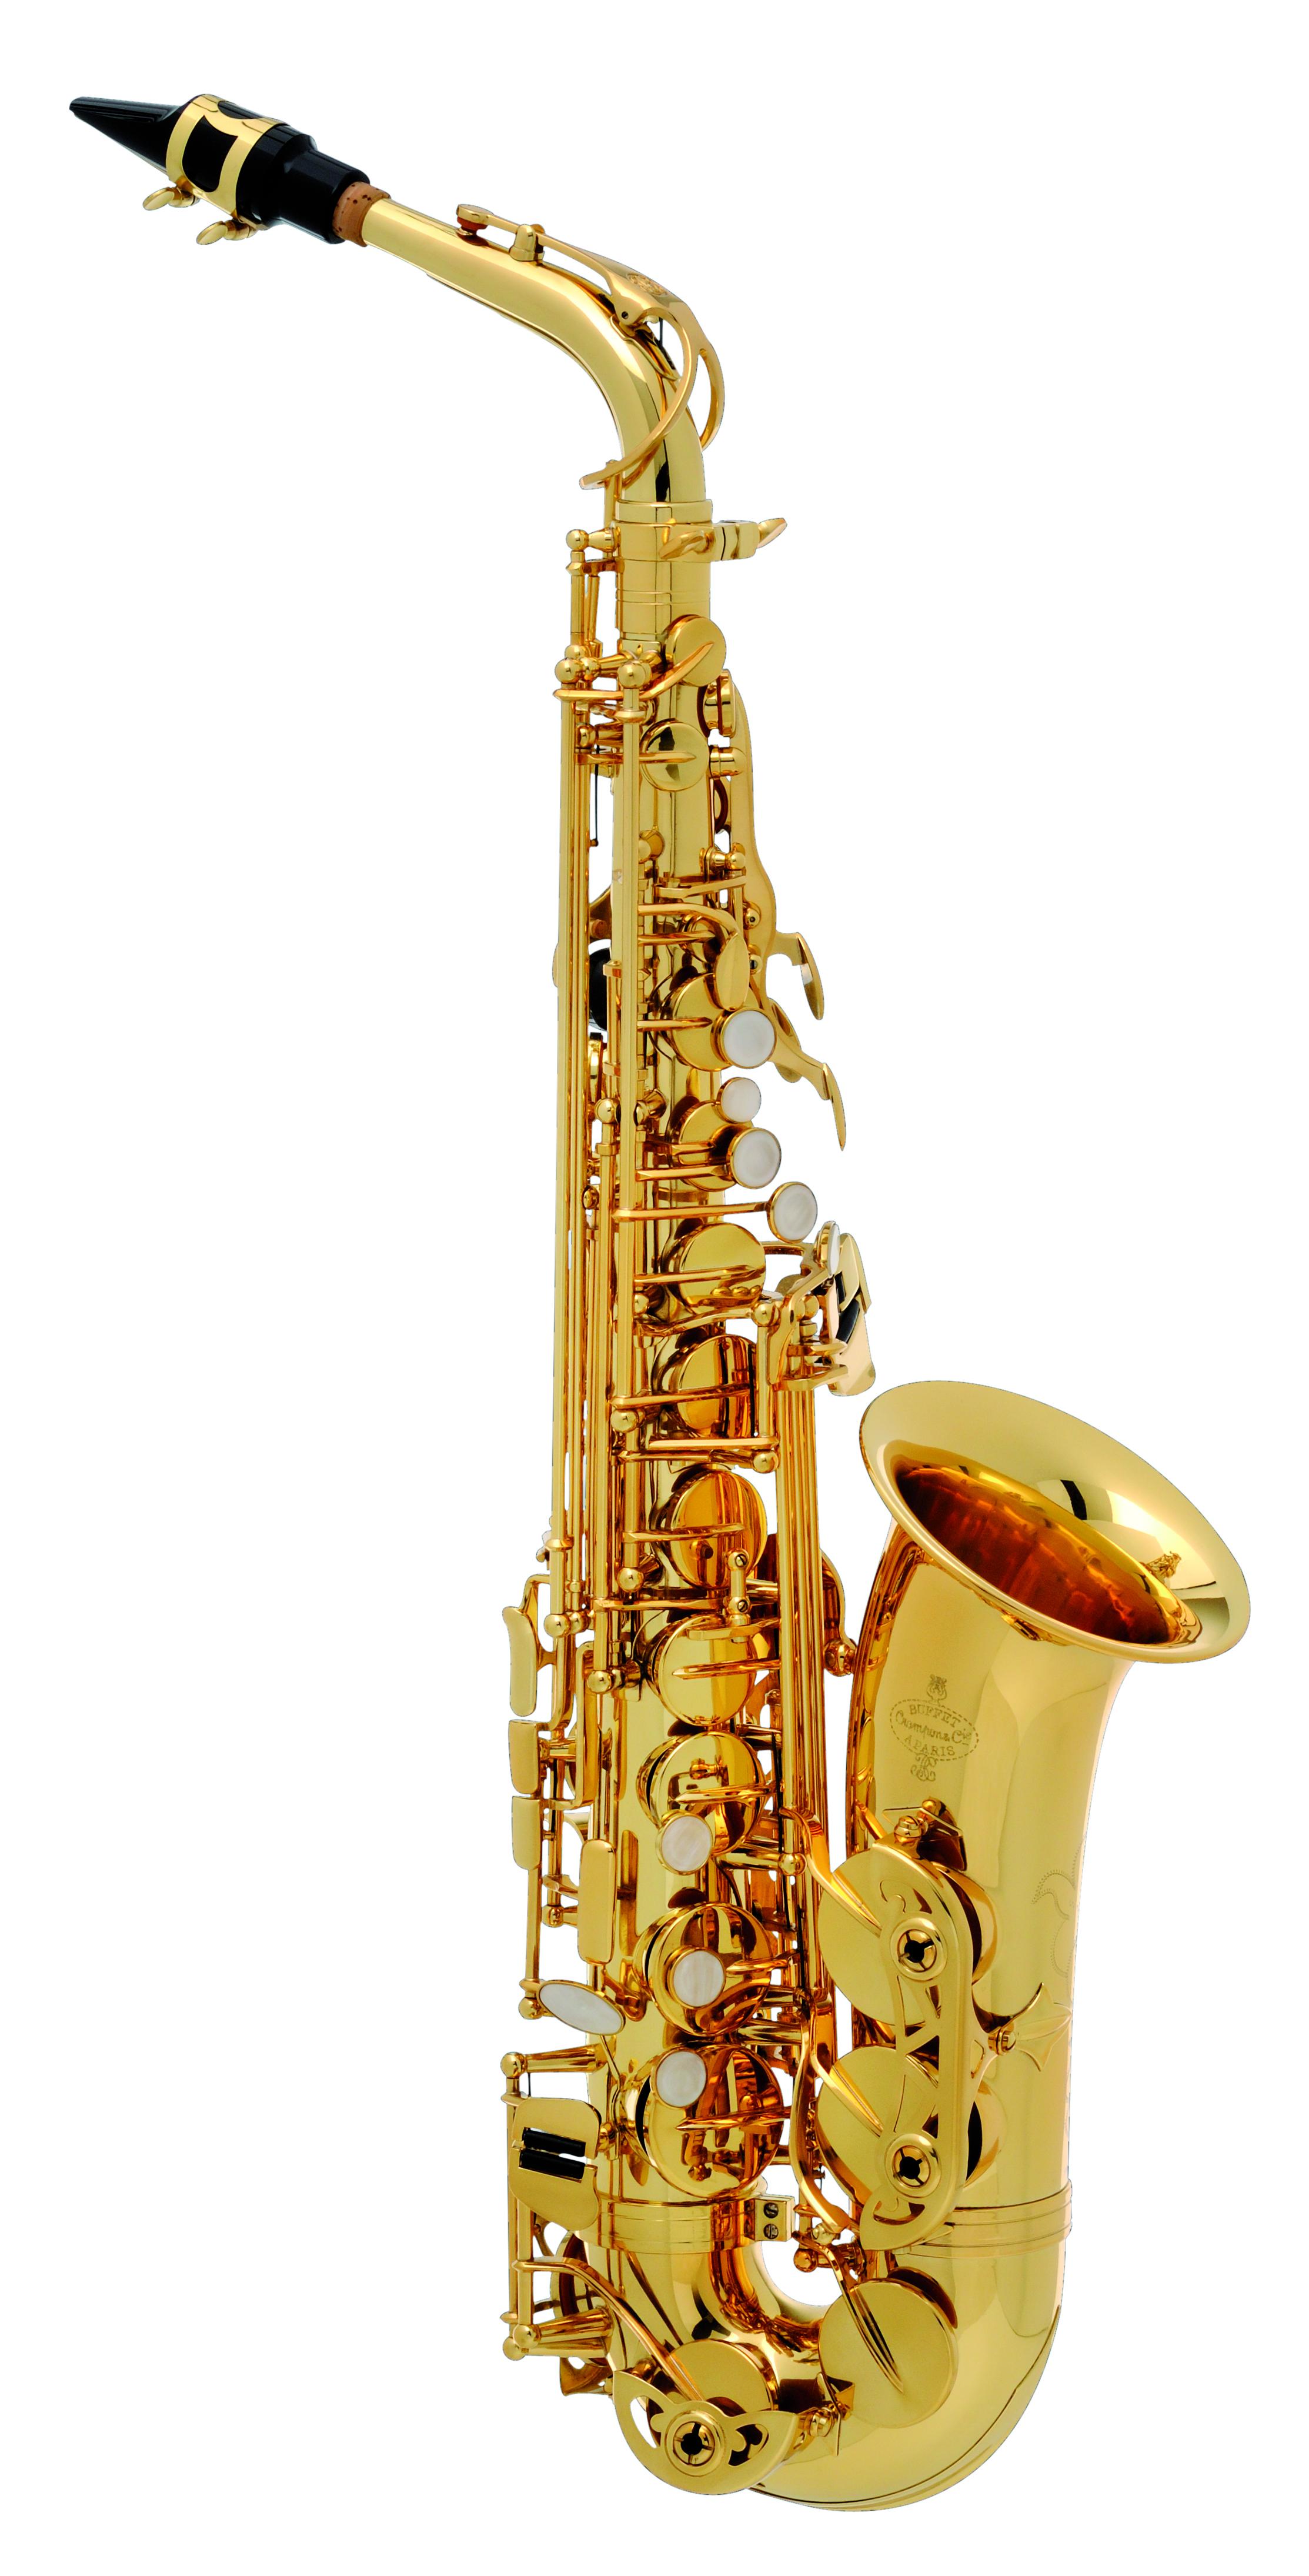 Buffet - BC-8201-1-0GB - Serie 200 - Holzblasinstrumente - Saxophone | MUSIK BERTRAM Deutschland Freiburg